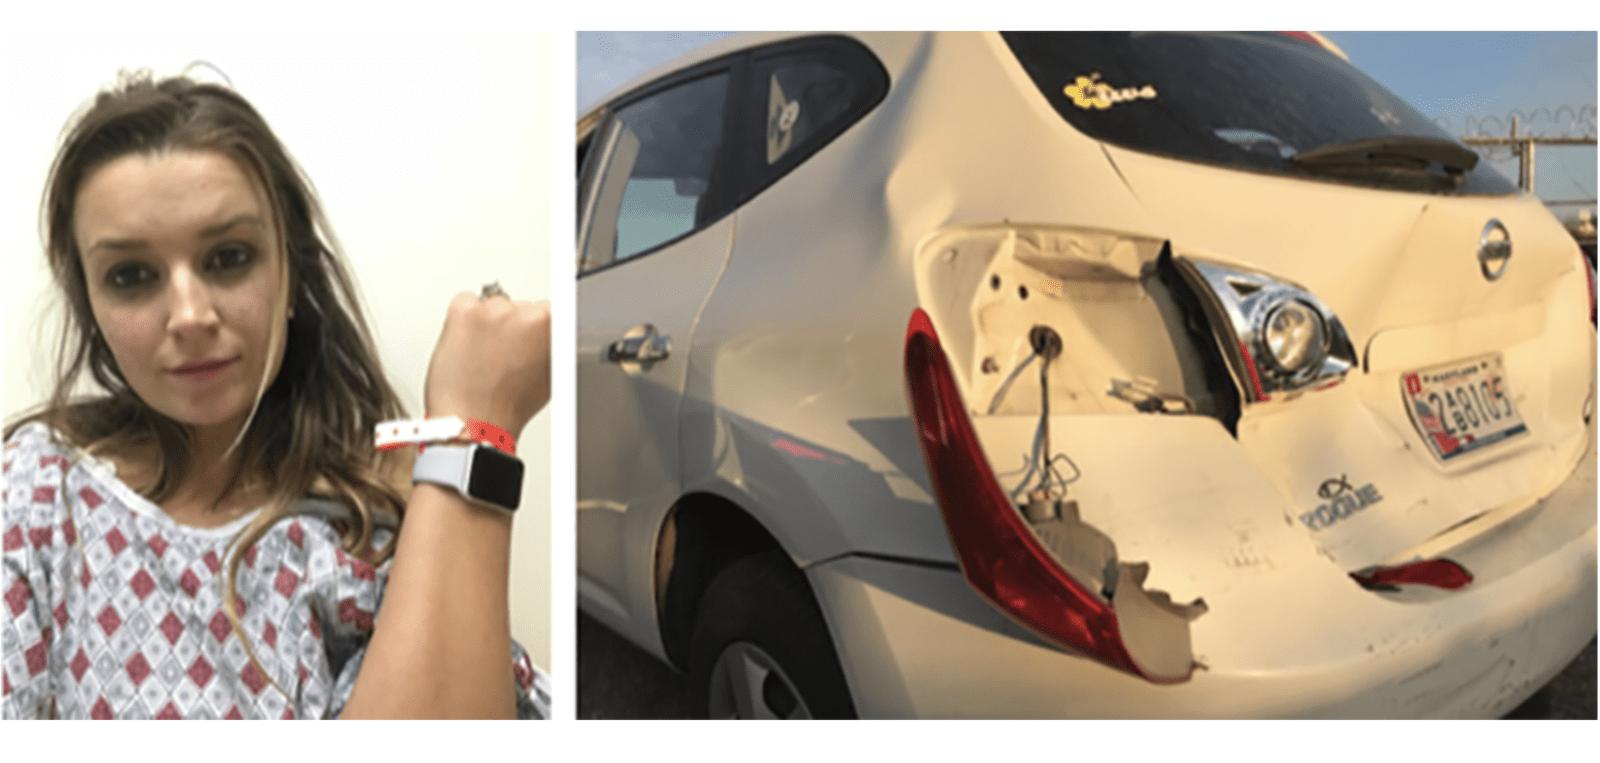 撞車被困後成功報警 Apple Watch SOS 功能救兩命